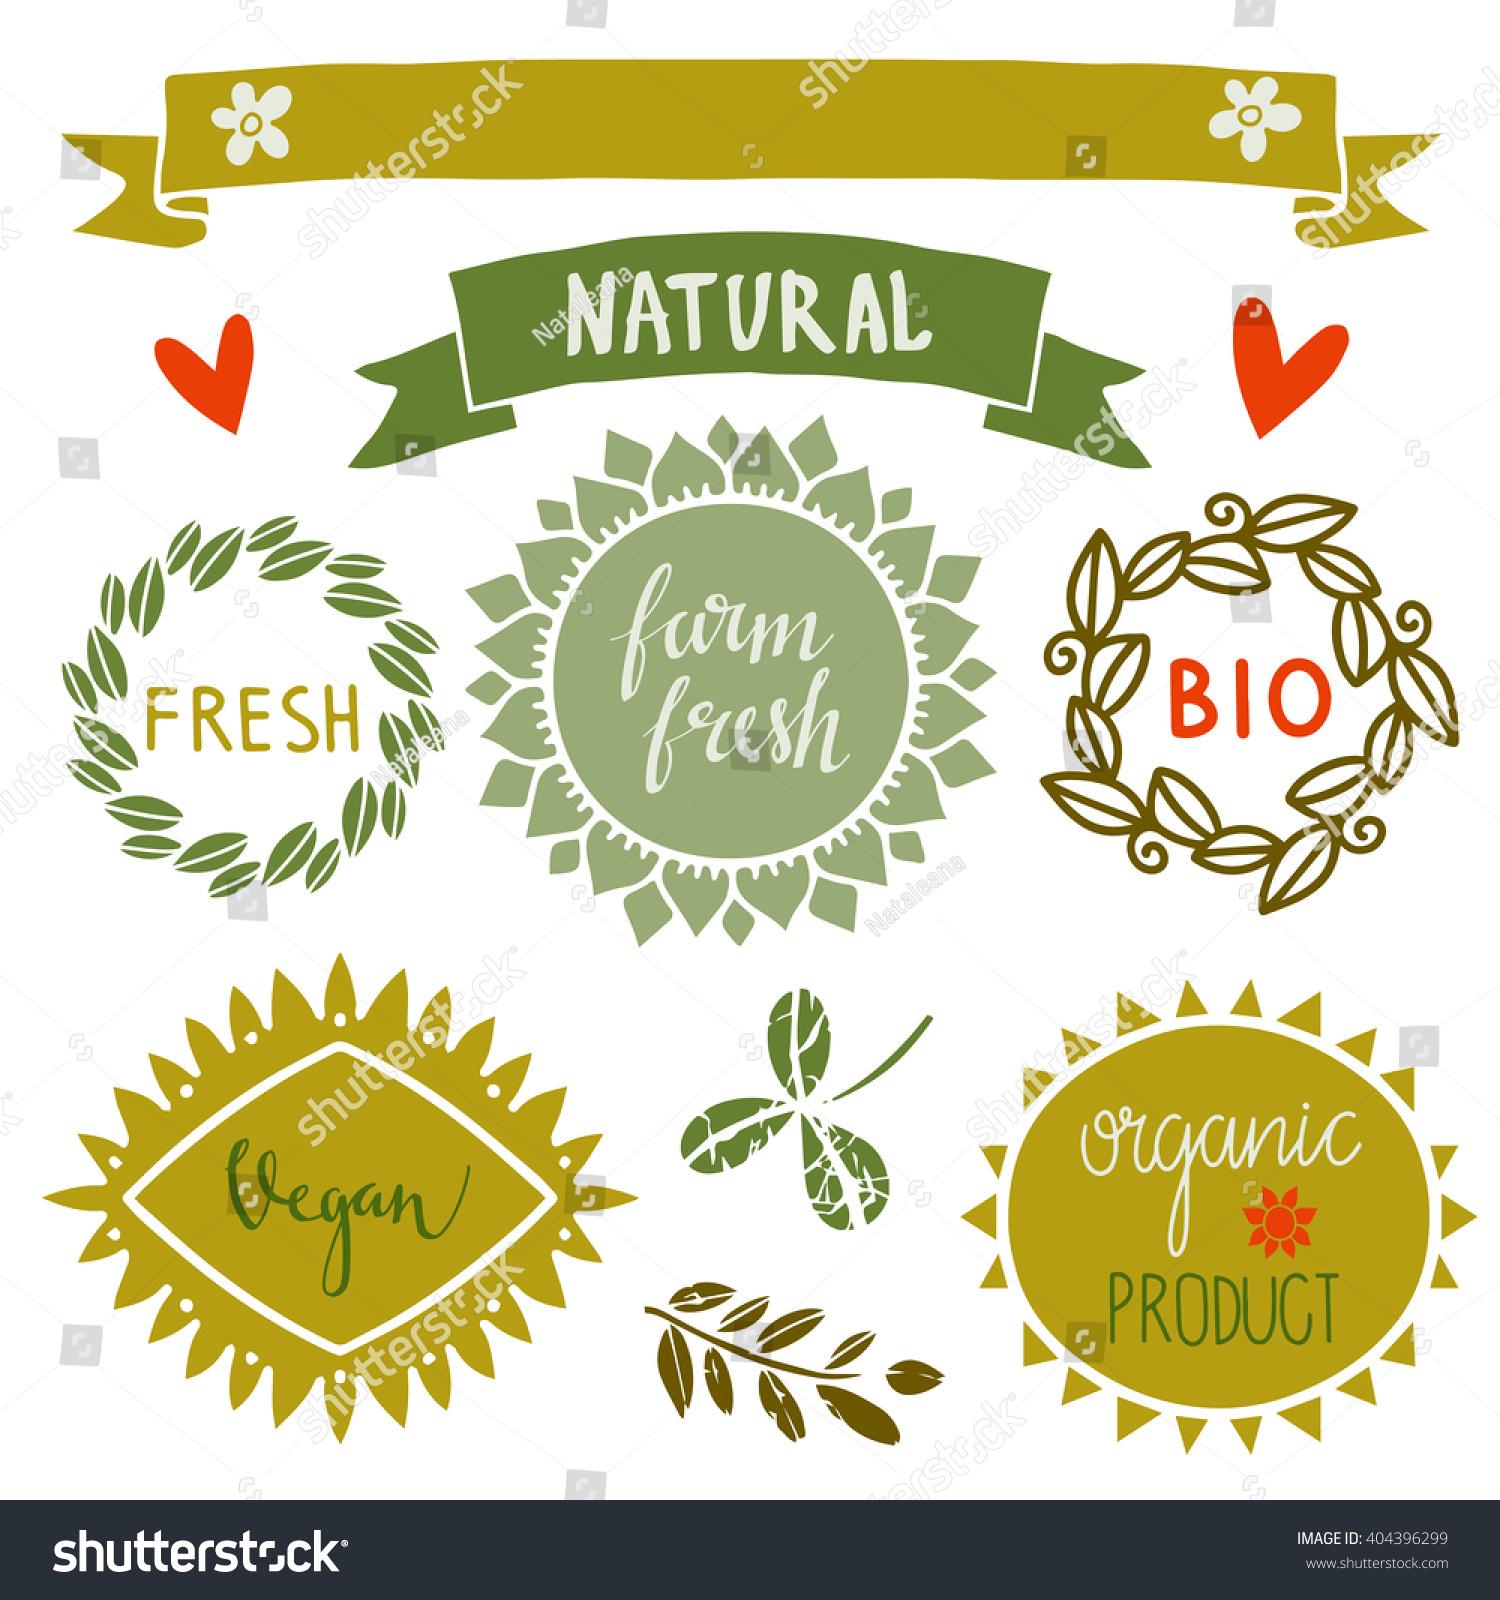 Organic Food Labels Set Bio Eco Stock Vector 404396299 - Shutterstock